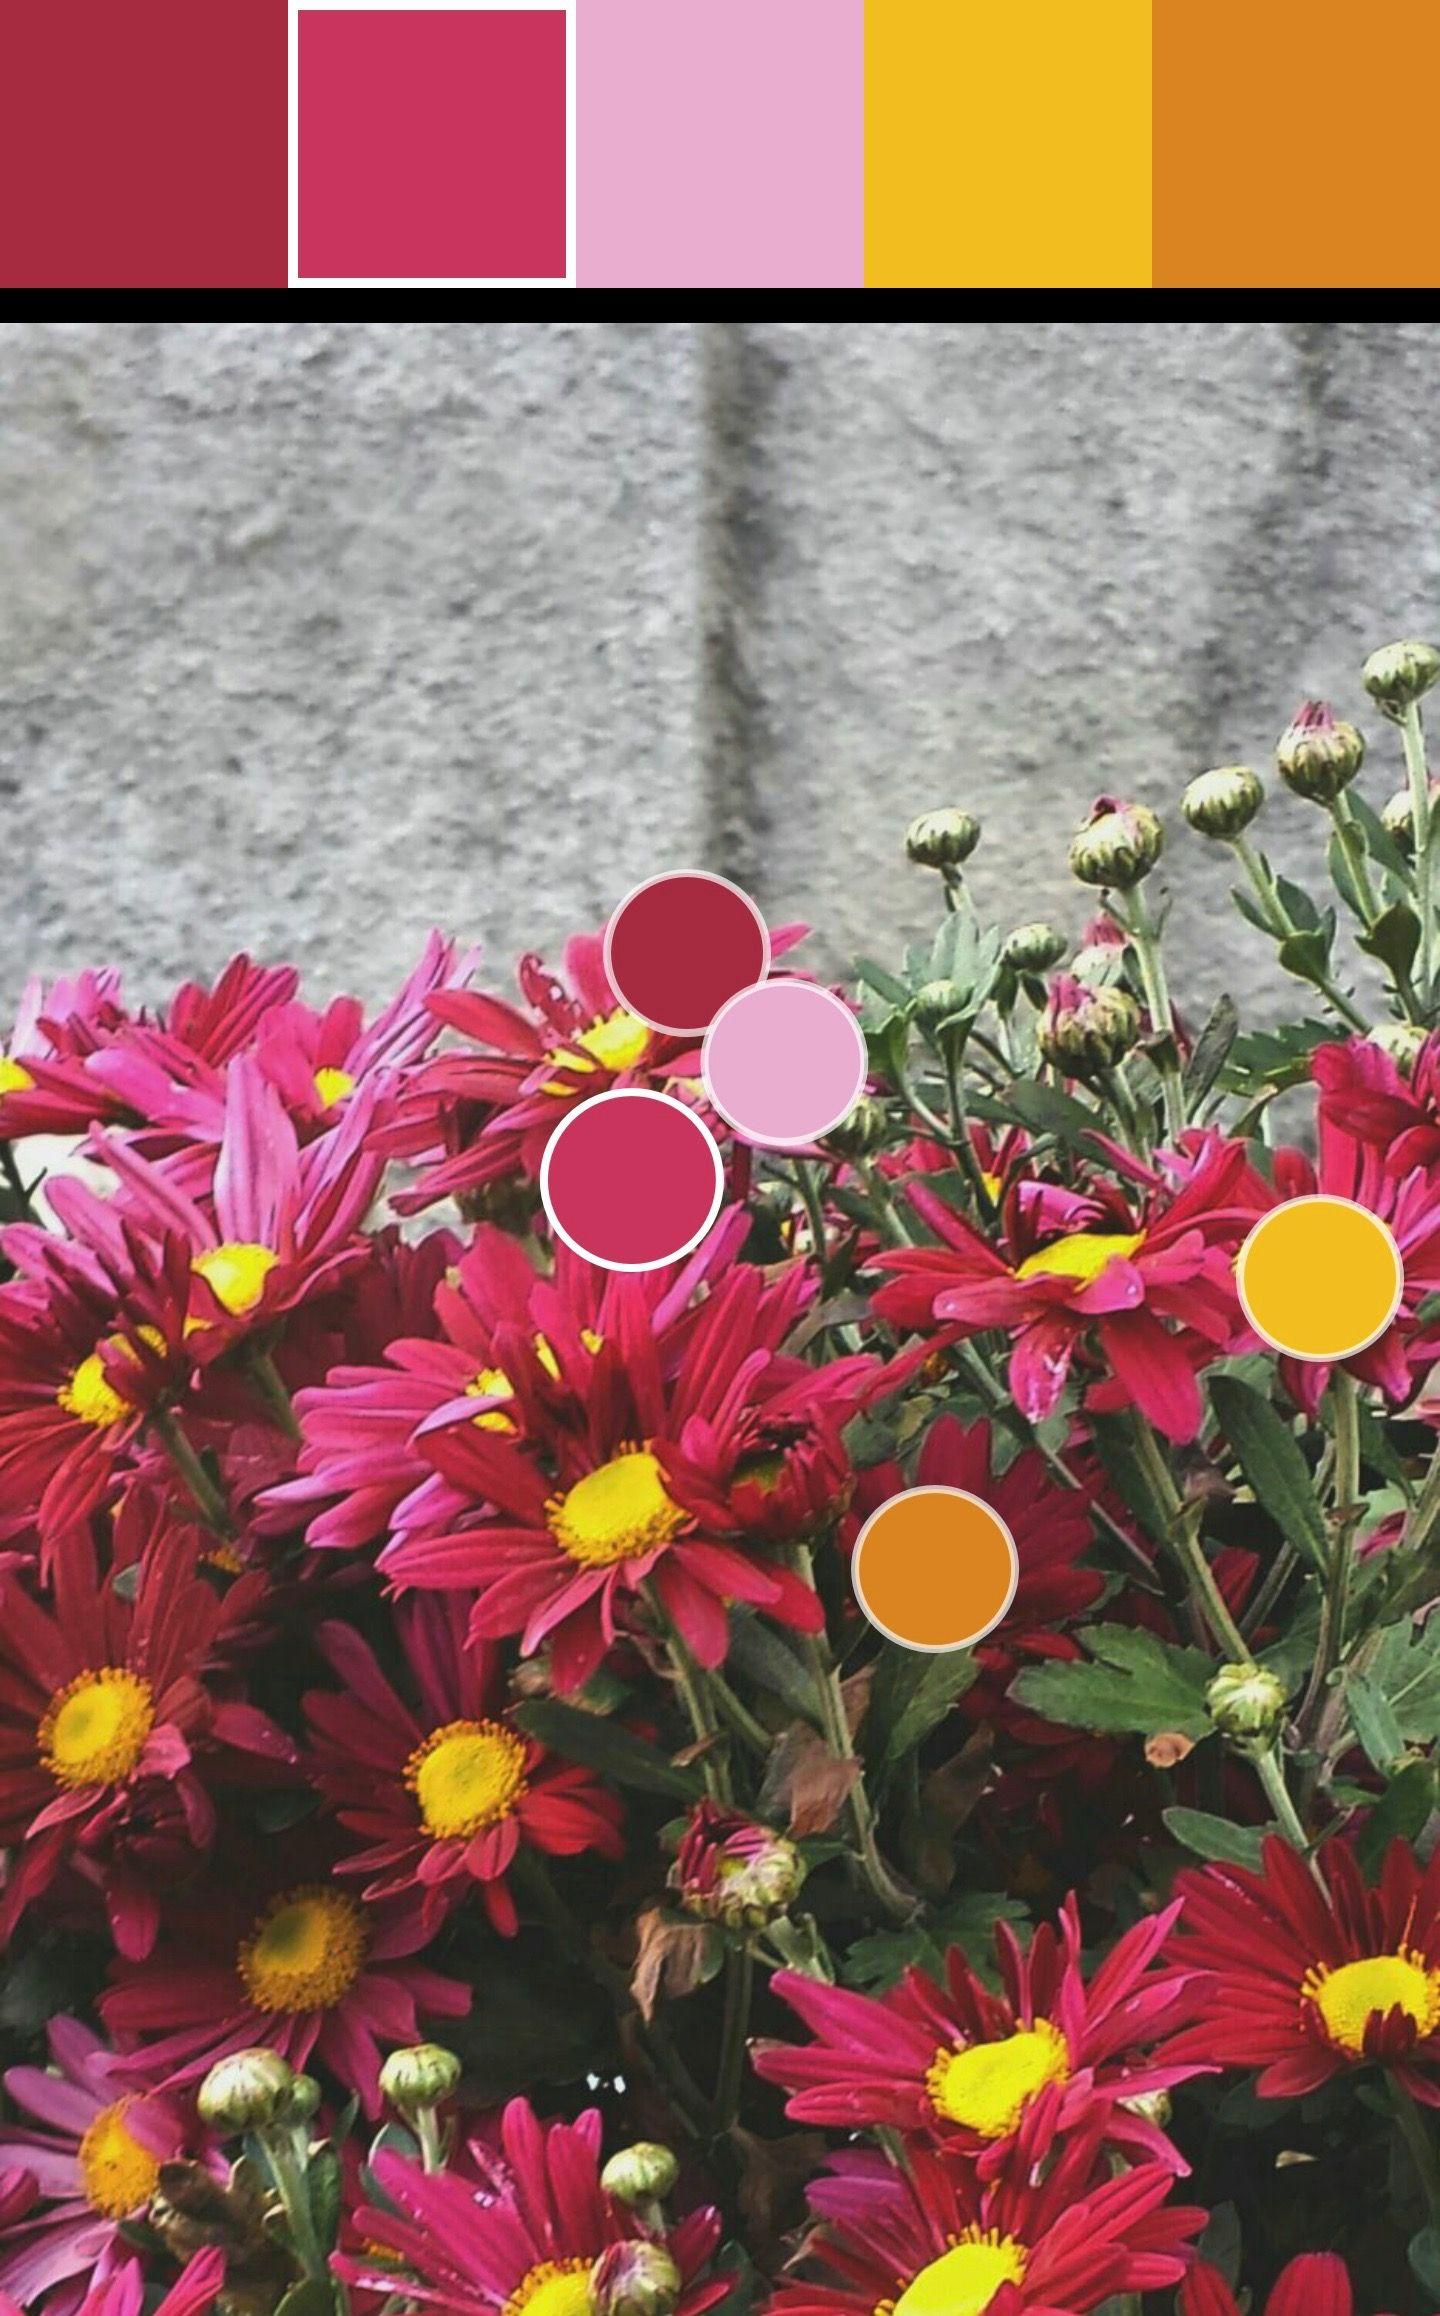 Rosado fucsia y rosado claro(4):C9345C/EAADD0 Paleta y puntos de color